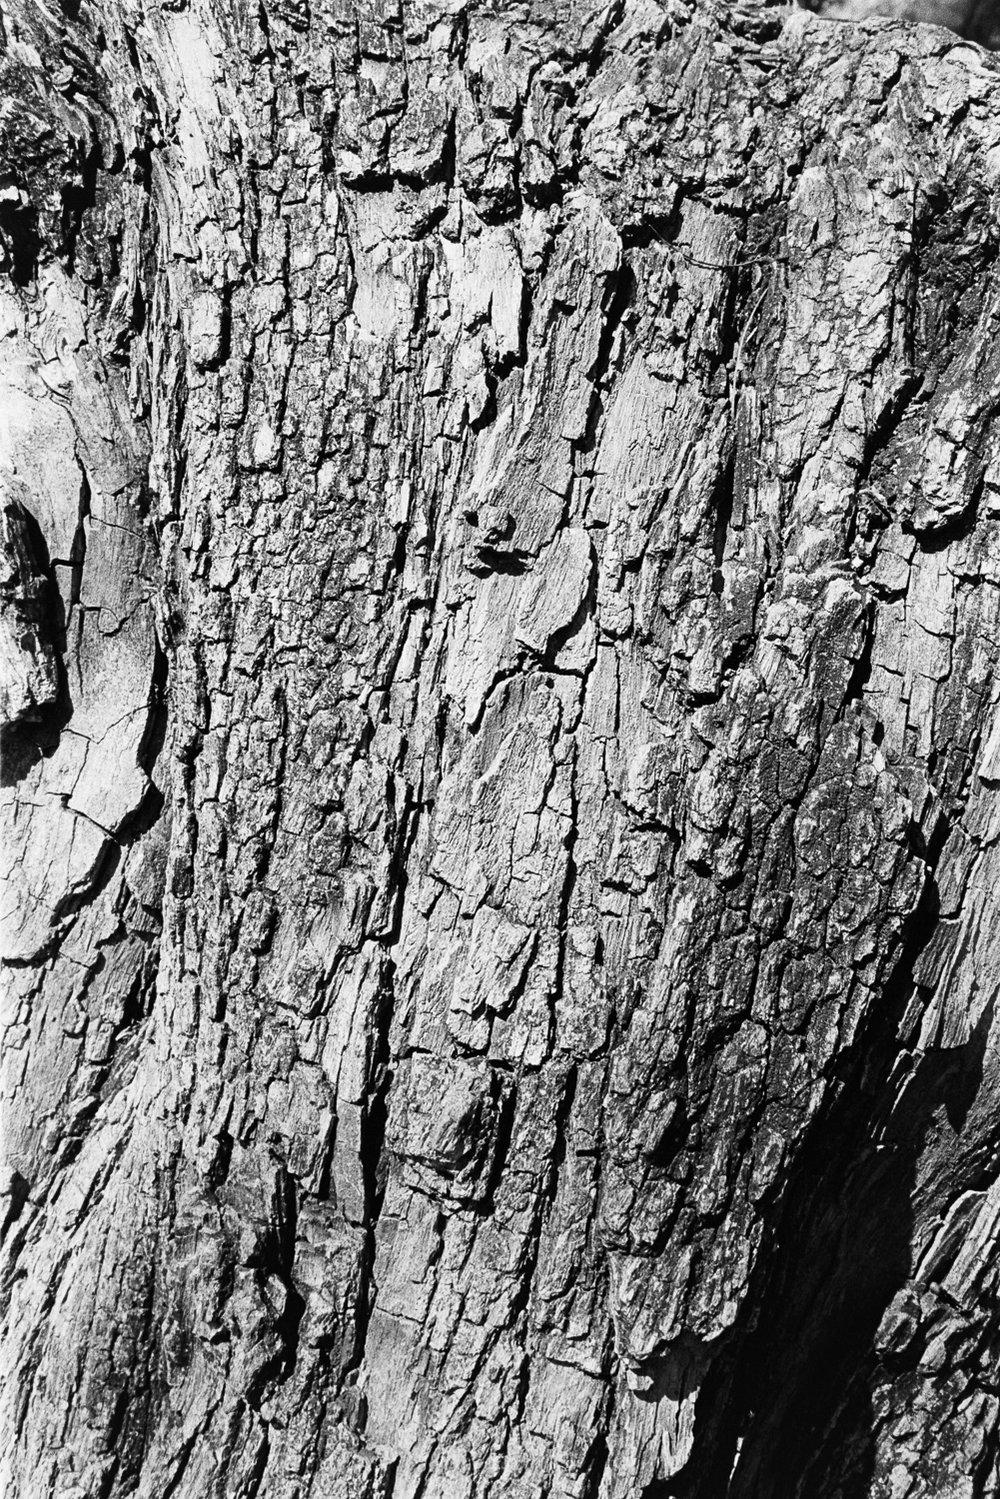 A bark.